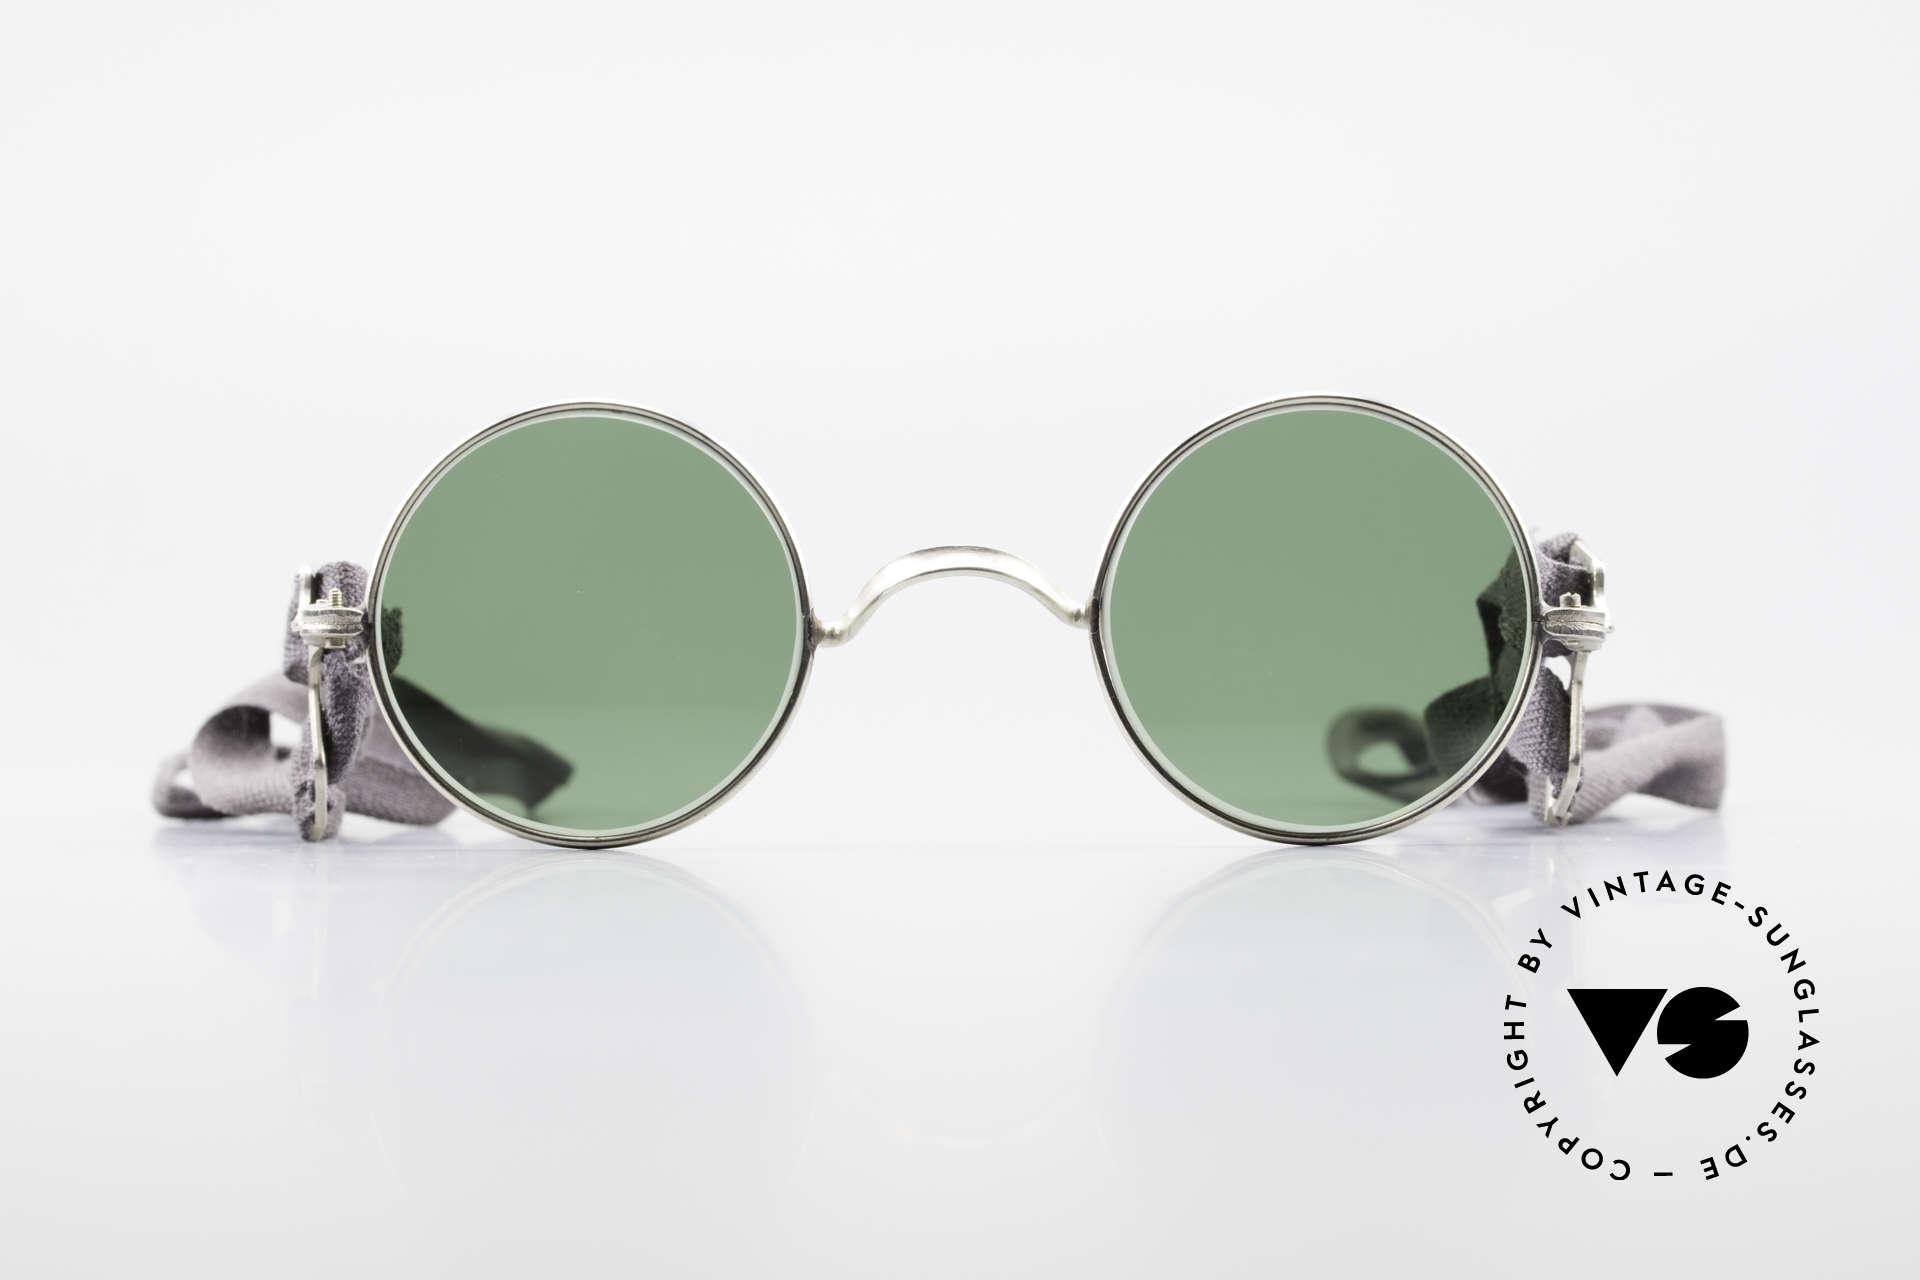 Militärbrille Round Alte Armee Brille Steampunk, Stoffbänder als Bügel; sehr einfach & funktional, Passend für Herren